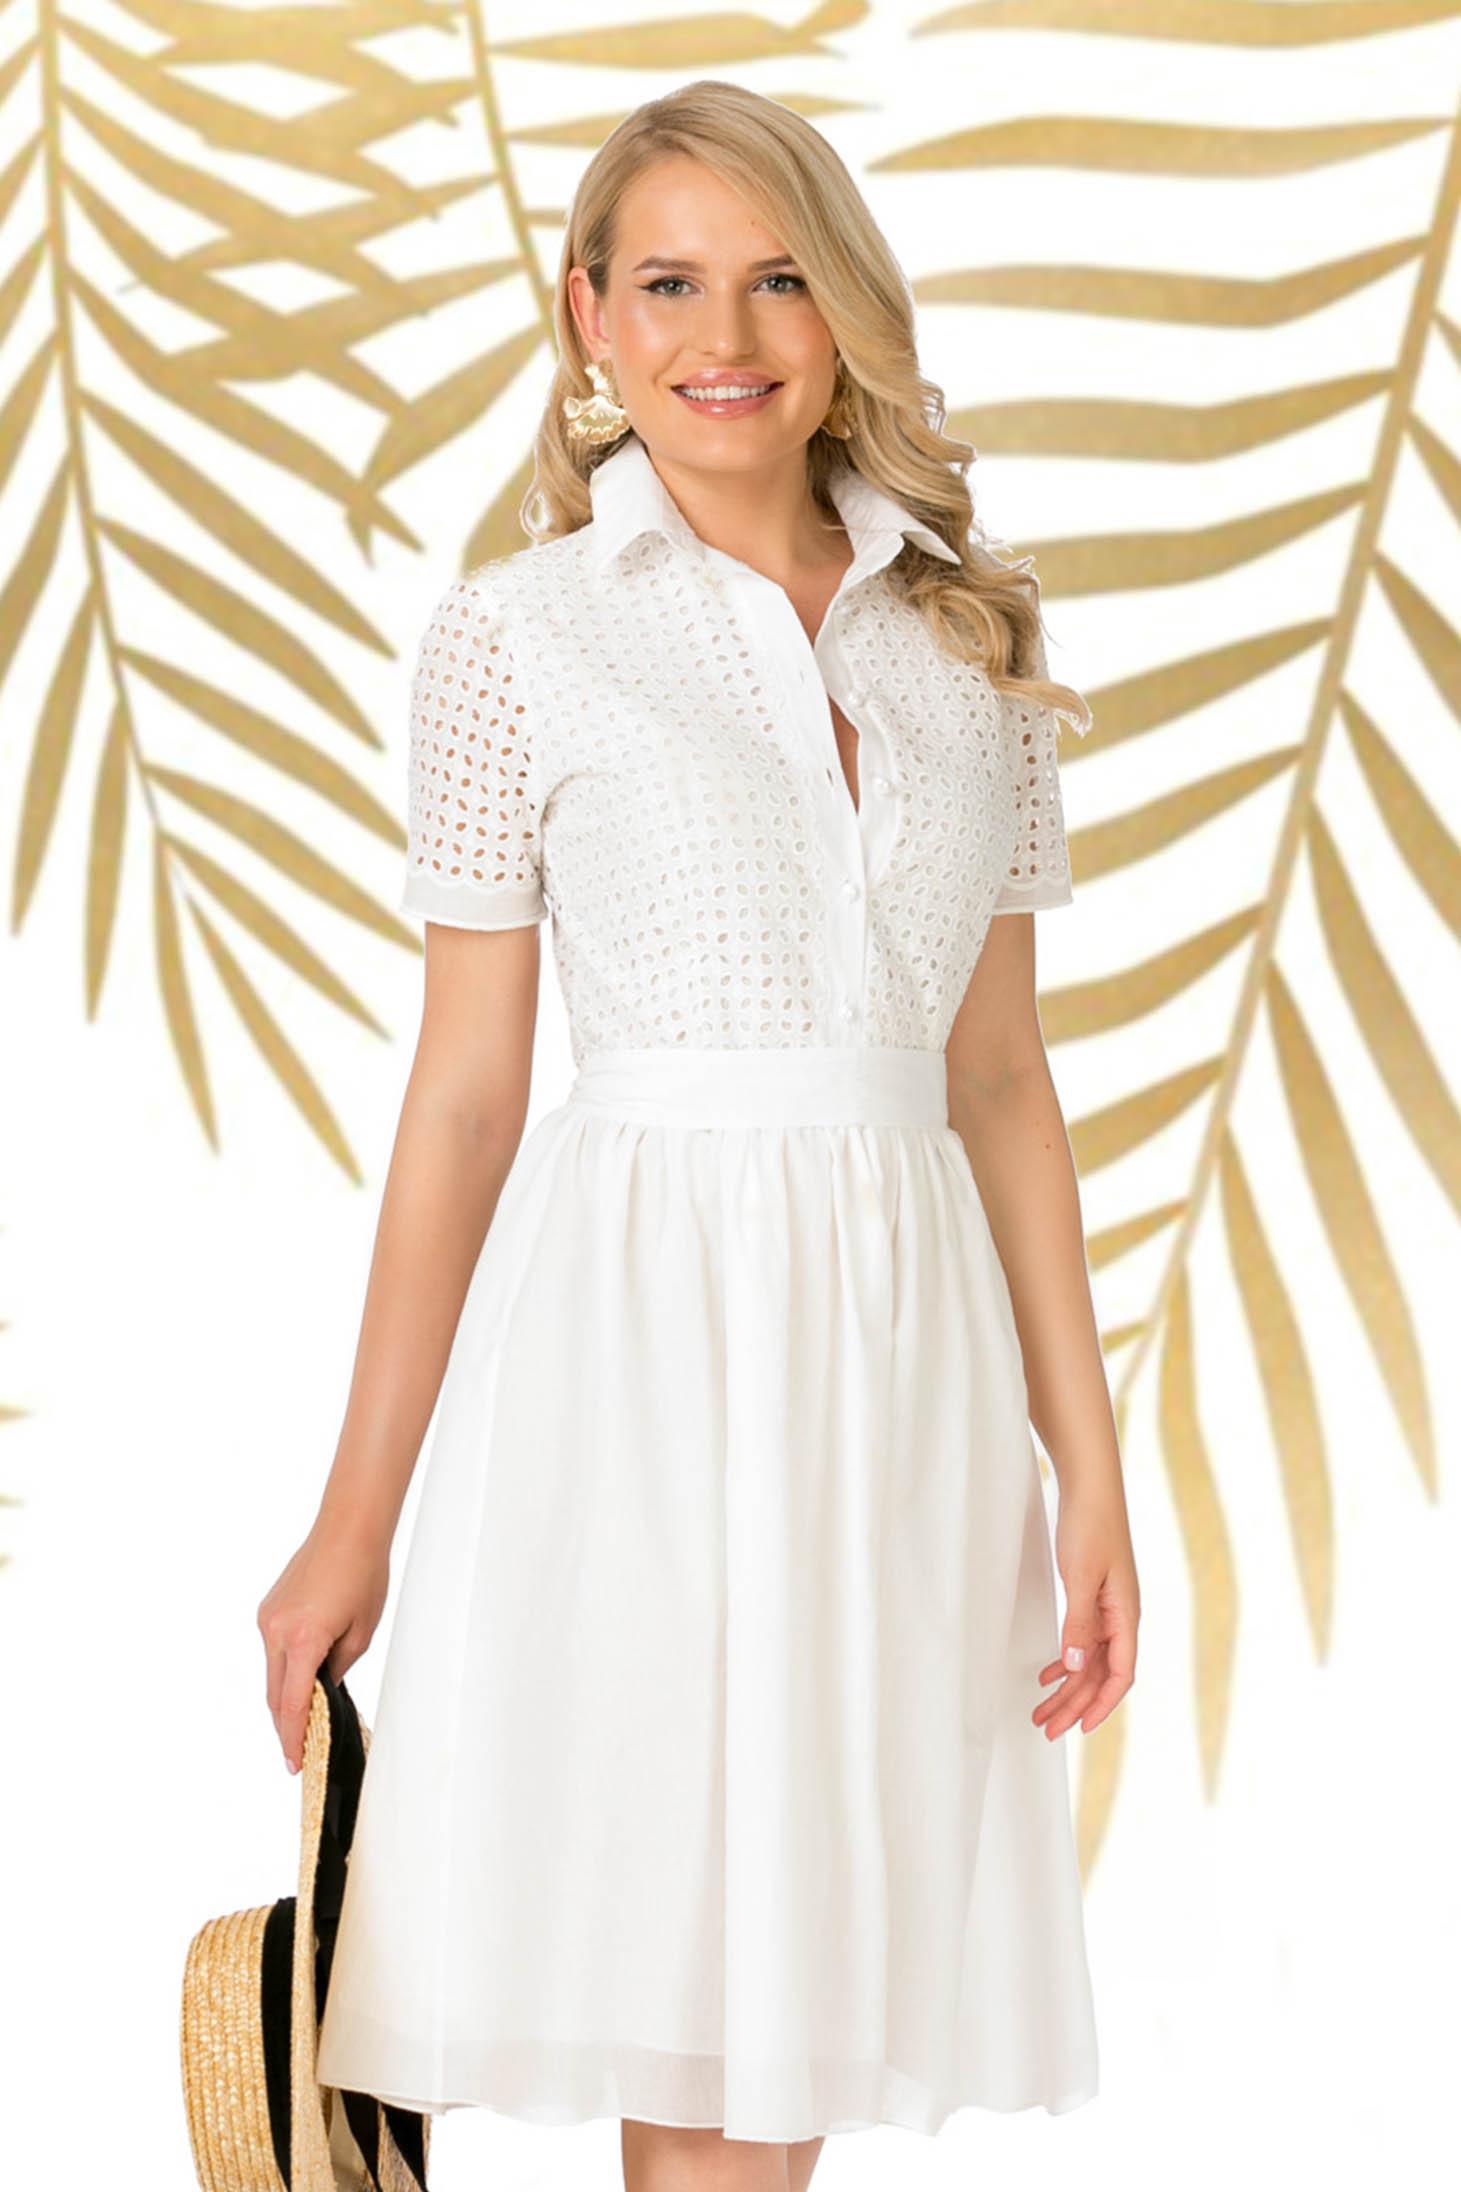 Dress white daily midi cloche with v-neckline nonelastic cotton